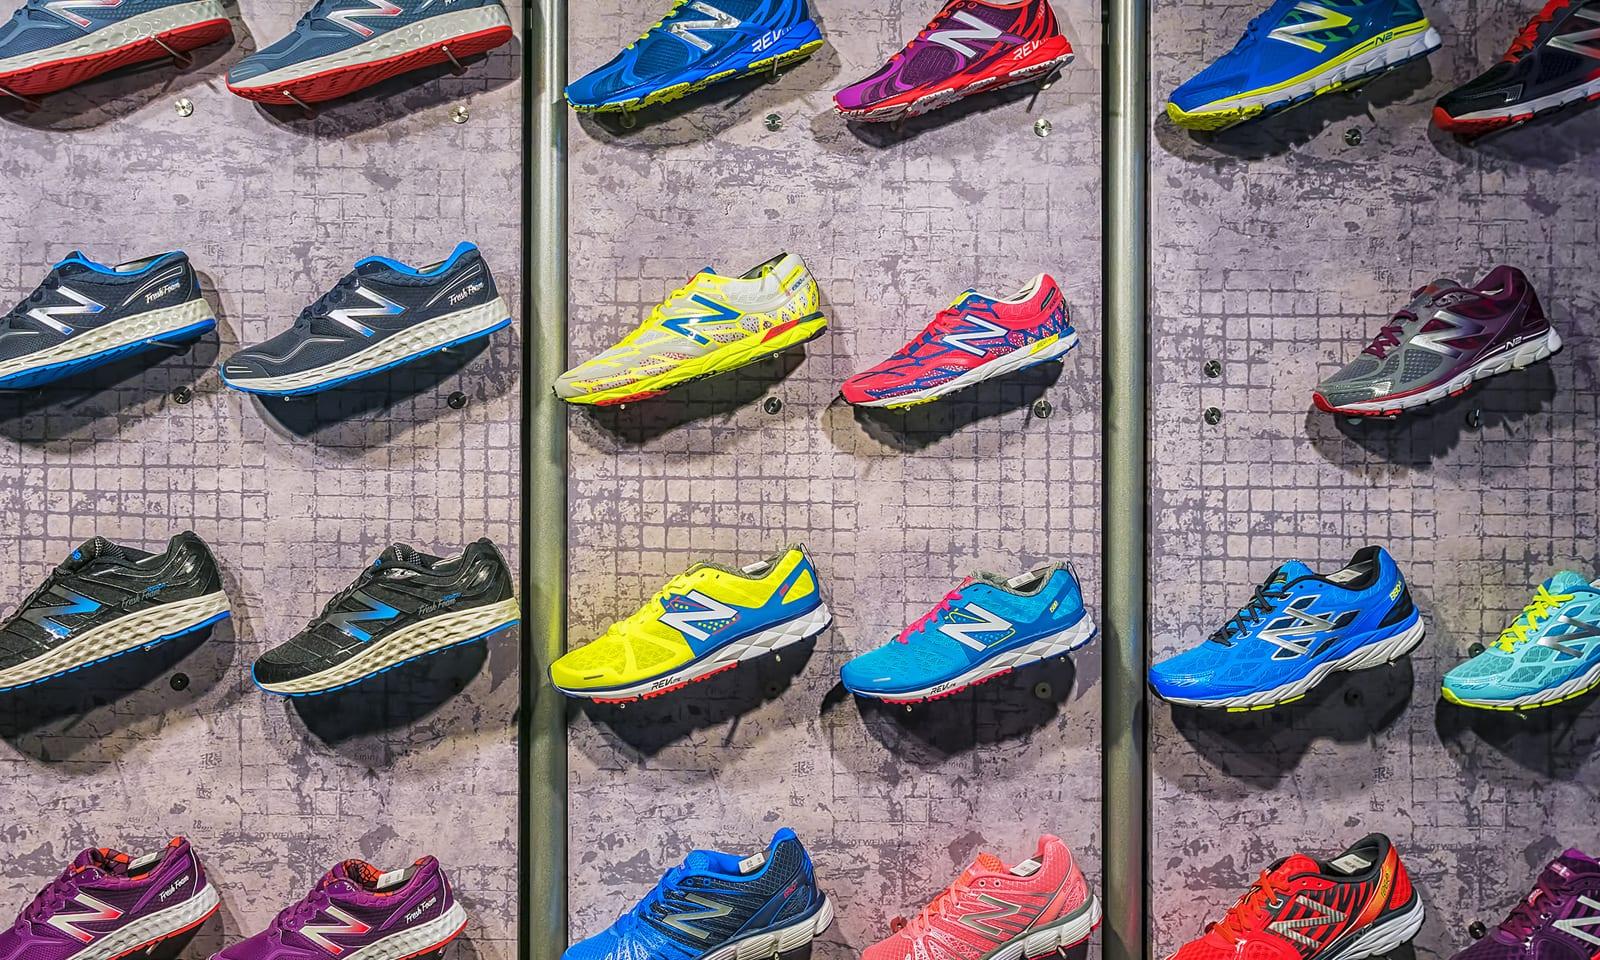 672a930e86ec6 10 Best New Balance Walking Shoes [ 2019 Reviews ] - Shoe Adviser